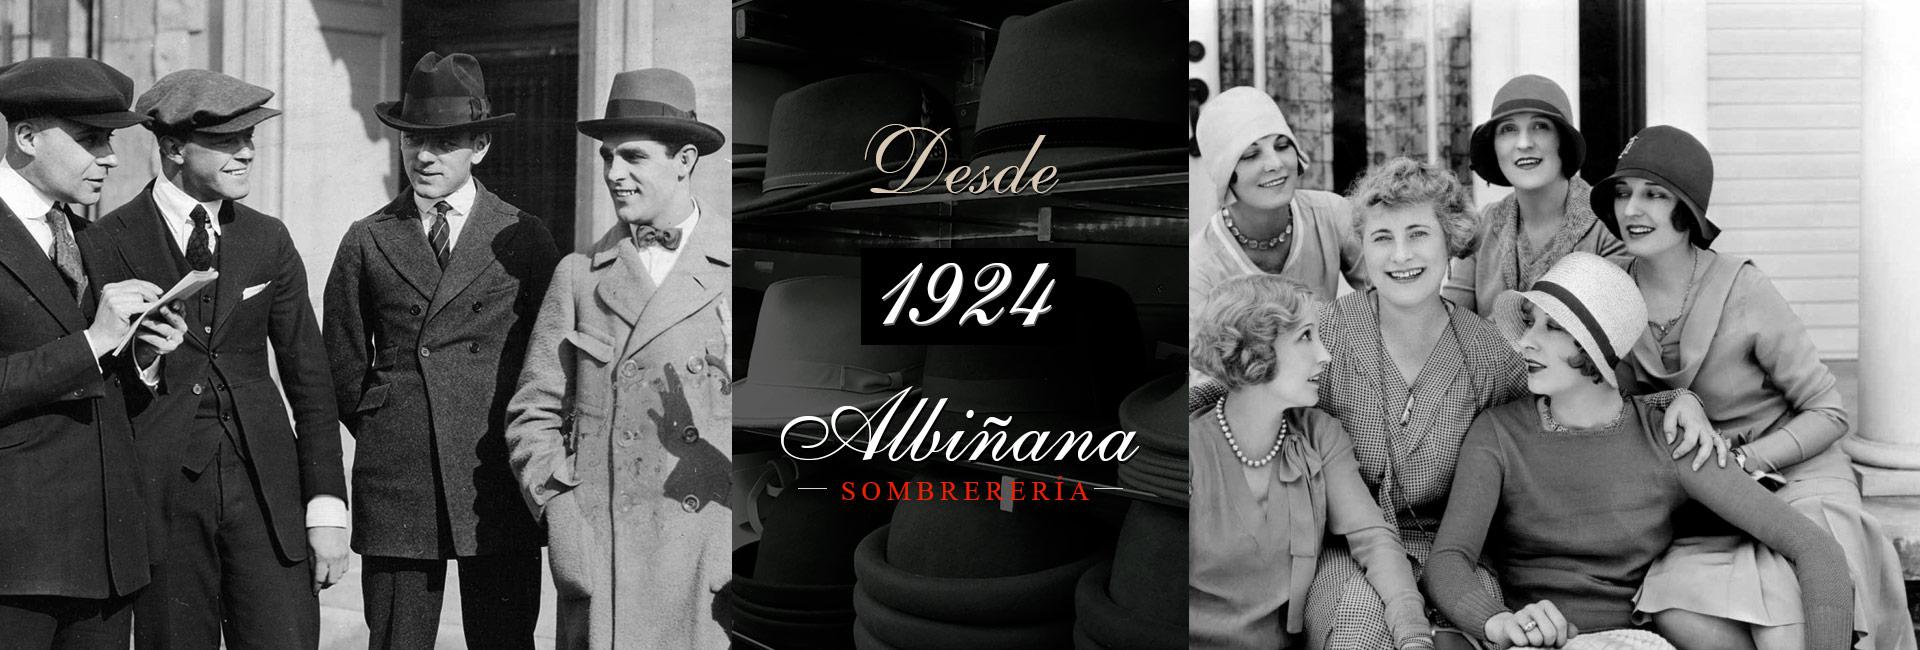 d2936d6fdc476 Sombreros y Banderas  Sombrerería Albiñana